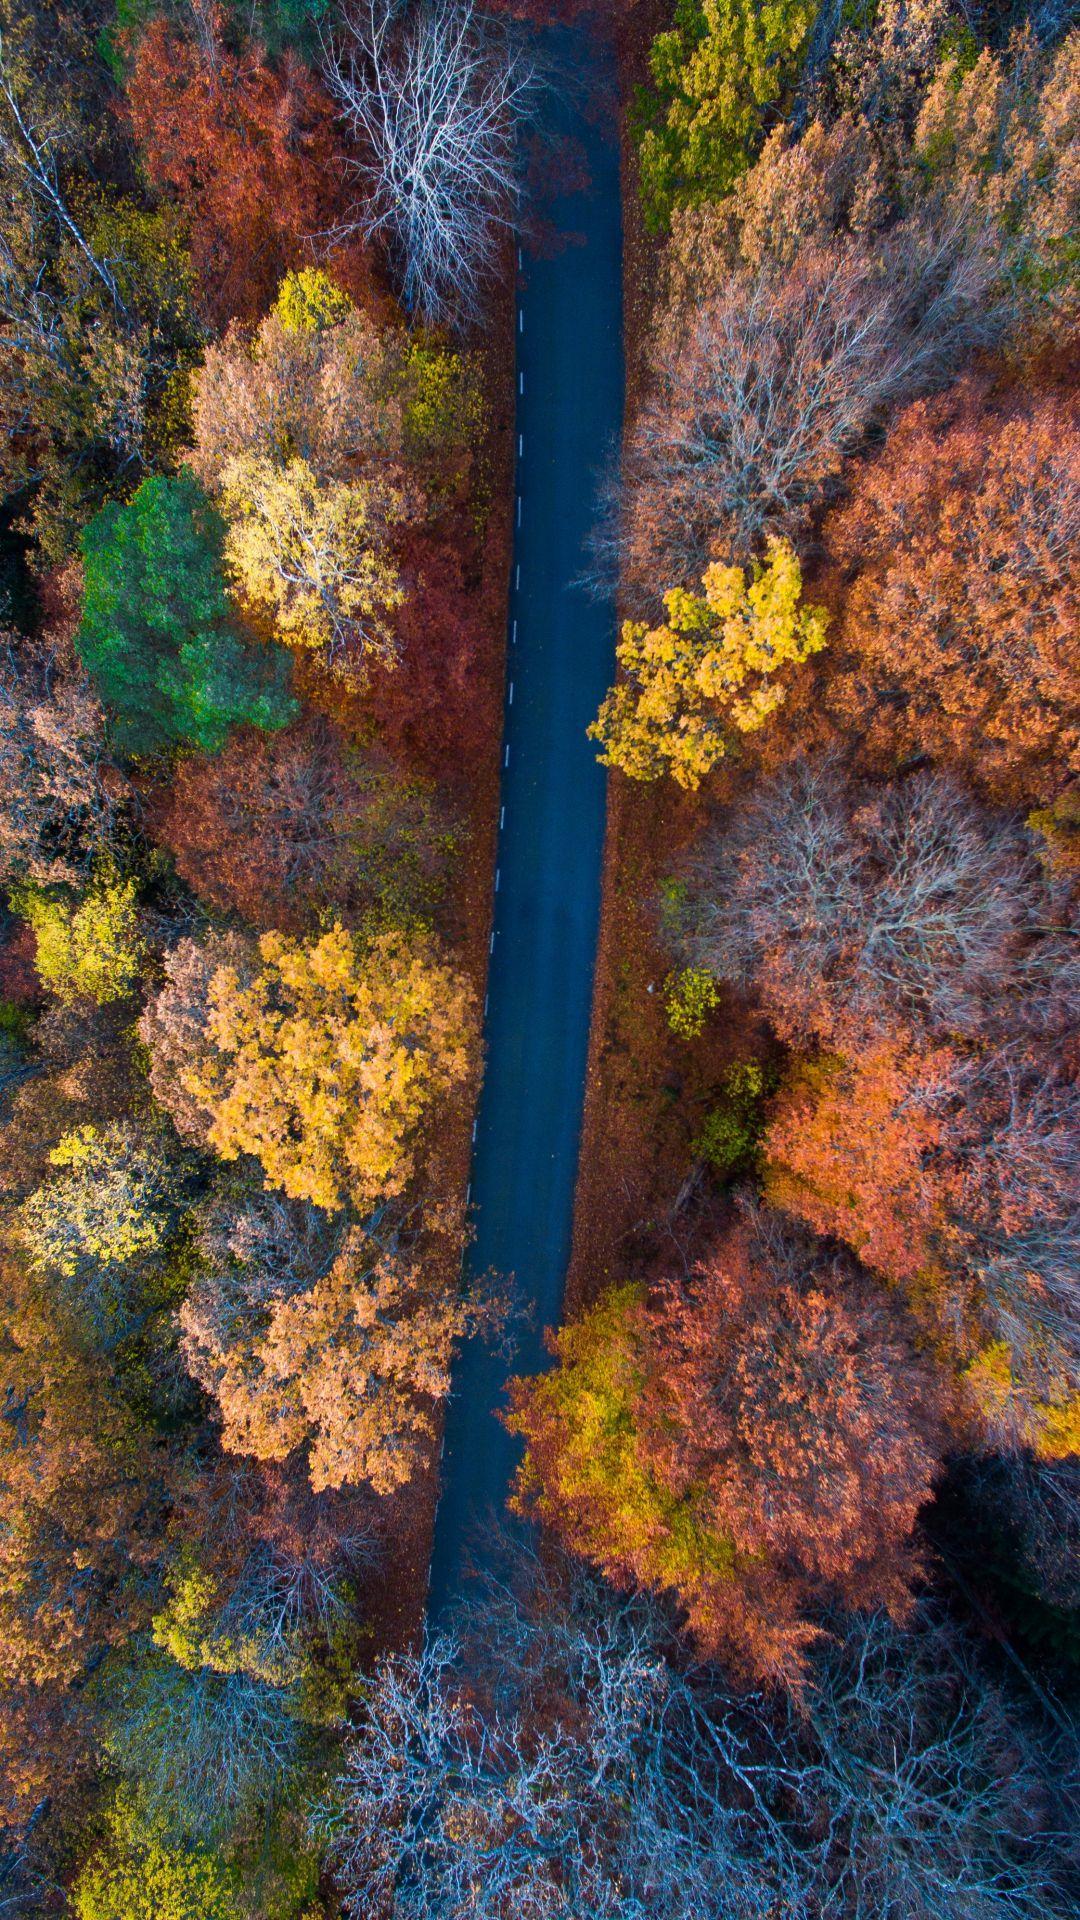 1080x1920 Màu sắc mùa thu Hình nền iPhone